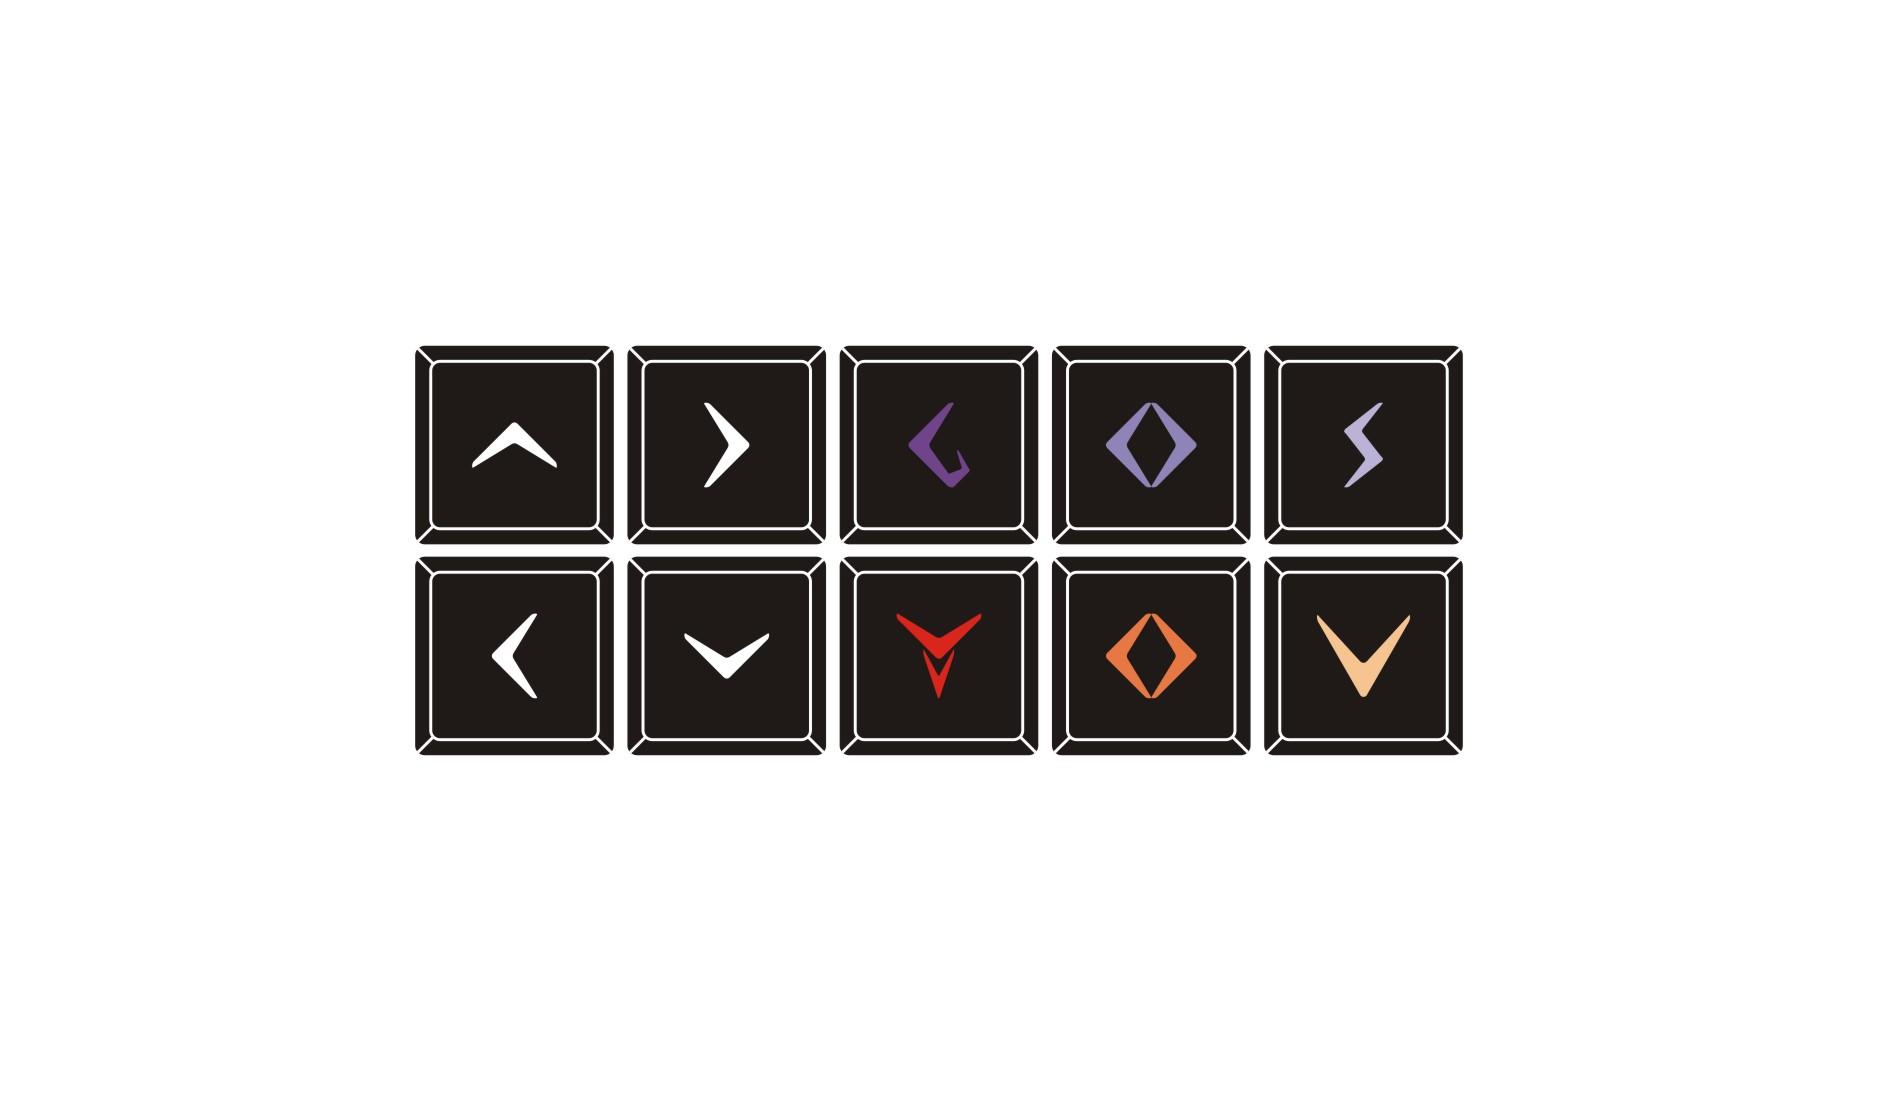 Логотип, фир. стиль и иконку для социальной сети GosYou фото f_507c62685f01e.jpg